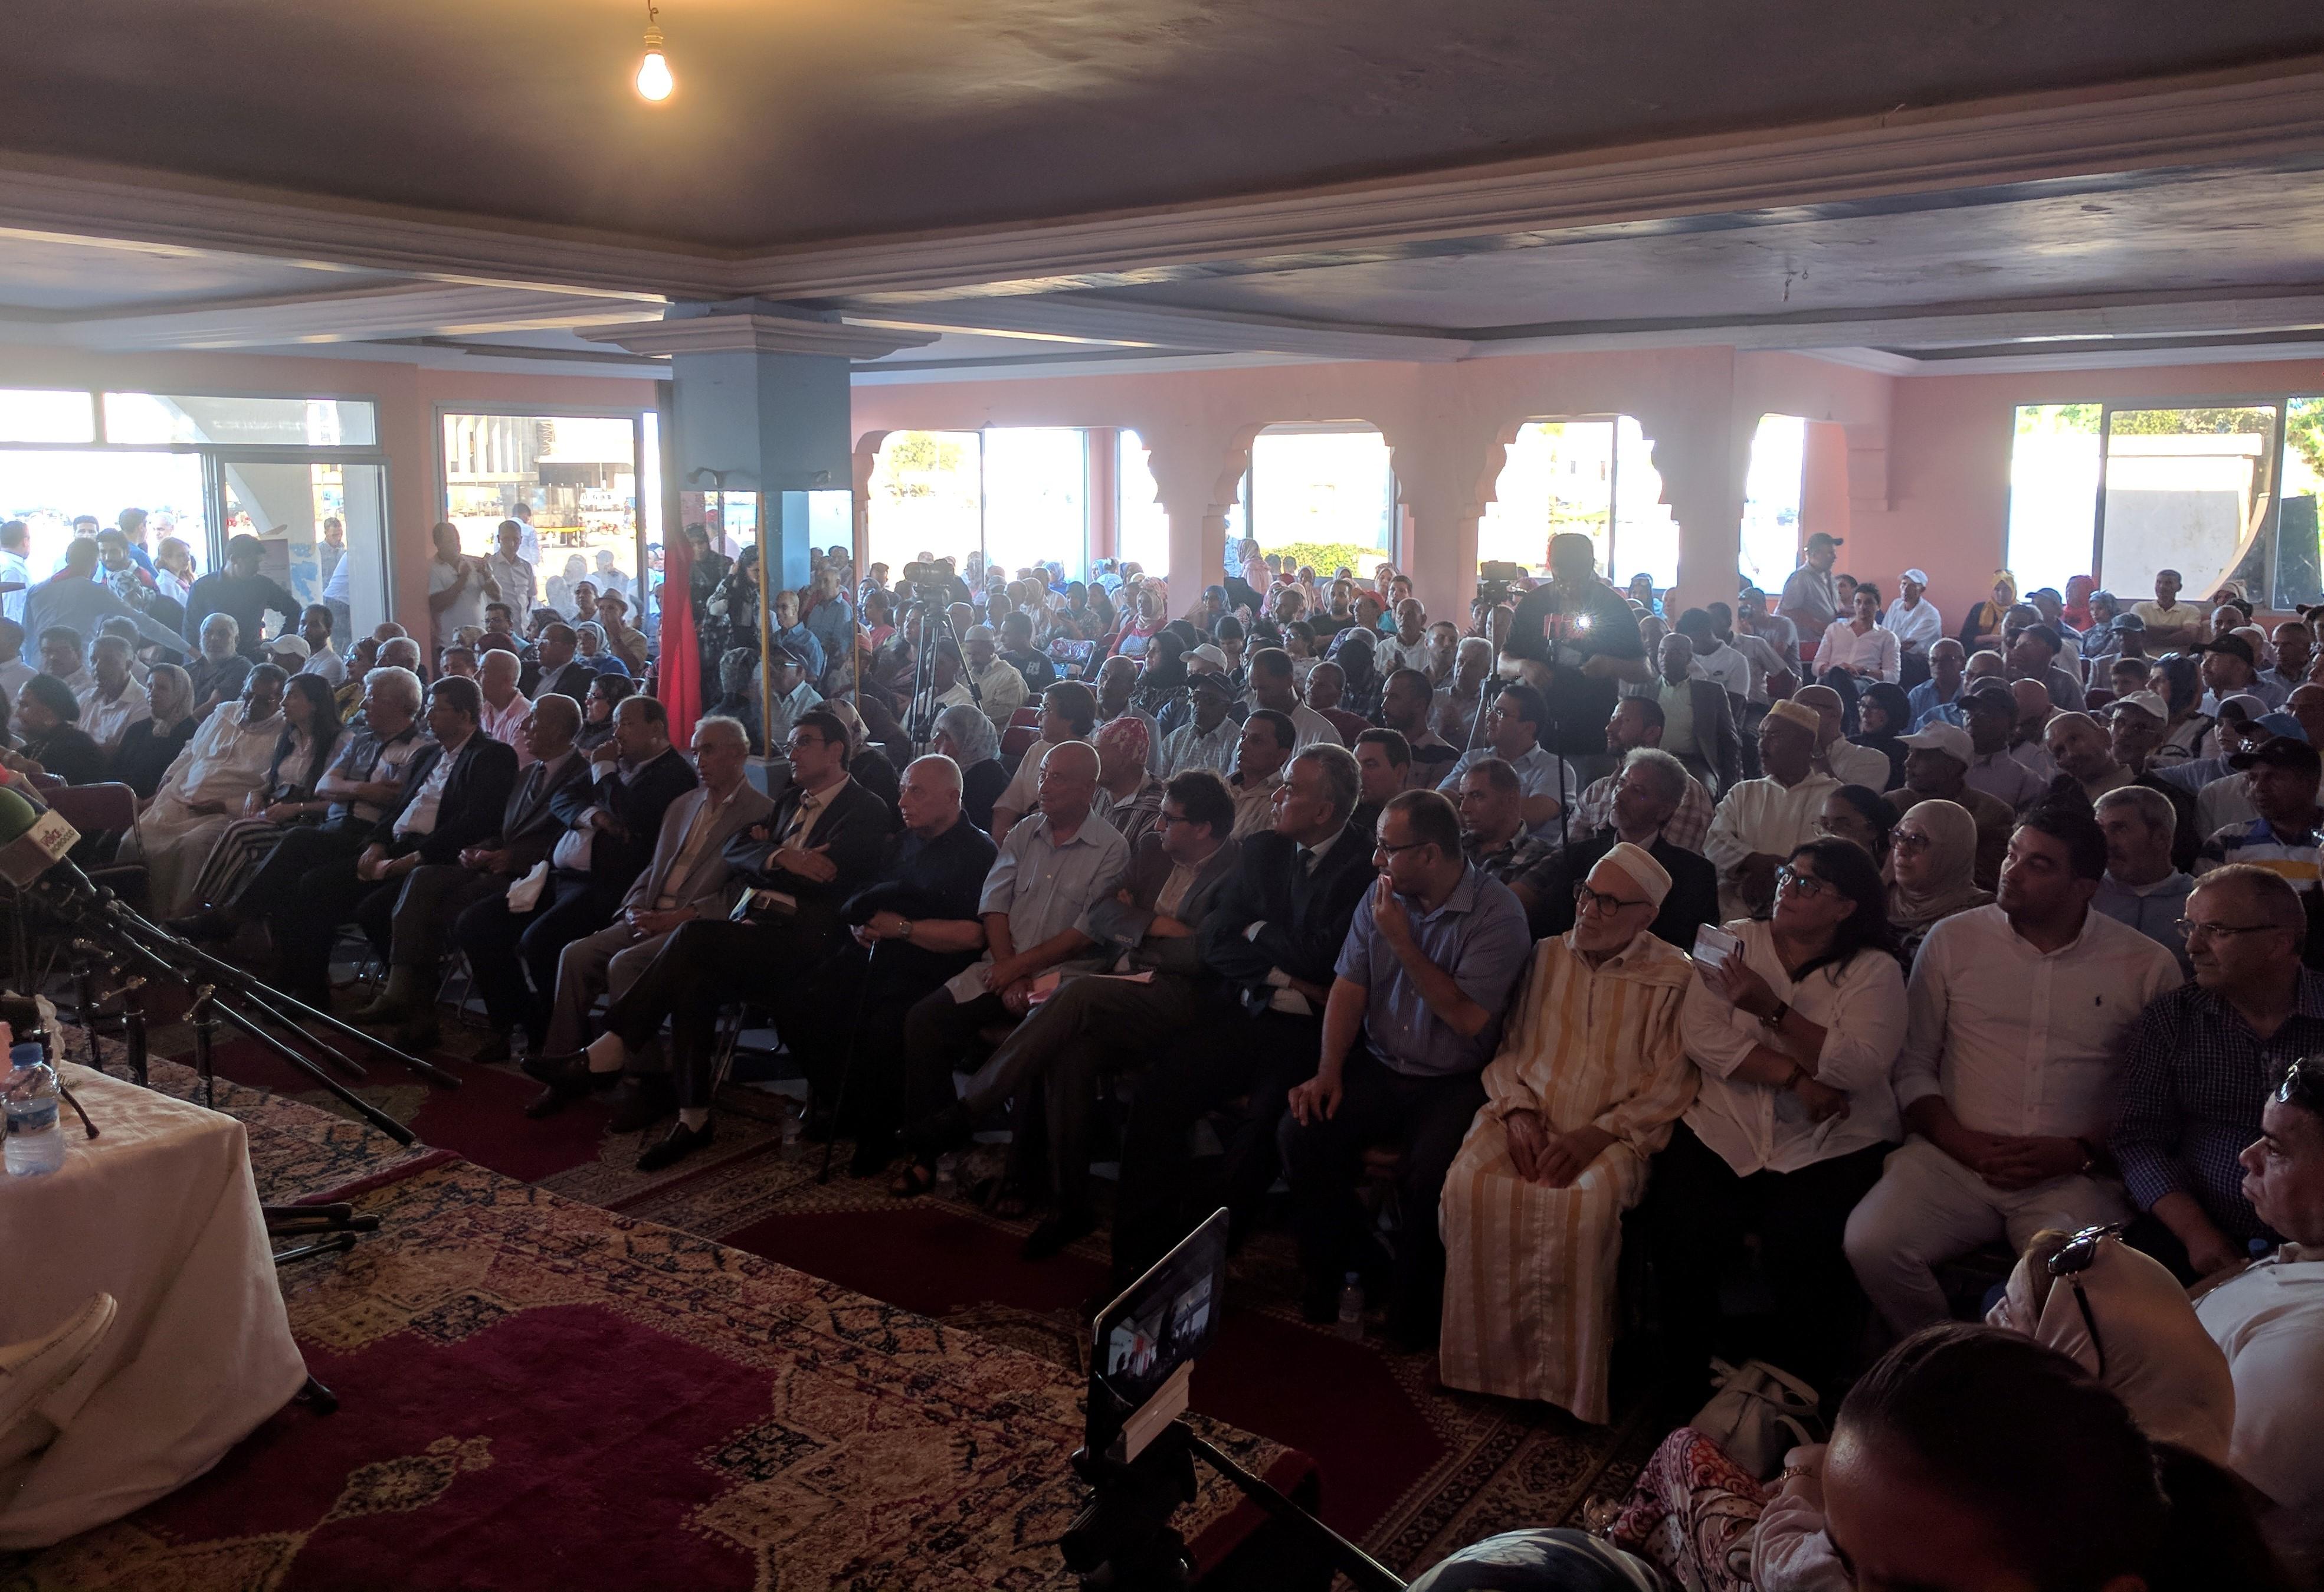 الأخ نزار بركة : معركة وادي المخازن ذكرى تلاحم العرش والشعب من أجل الدفاع عن سيادة ووحدة الوطن